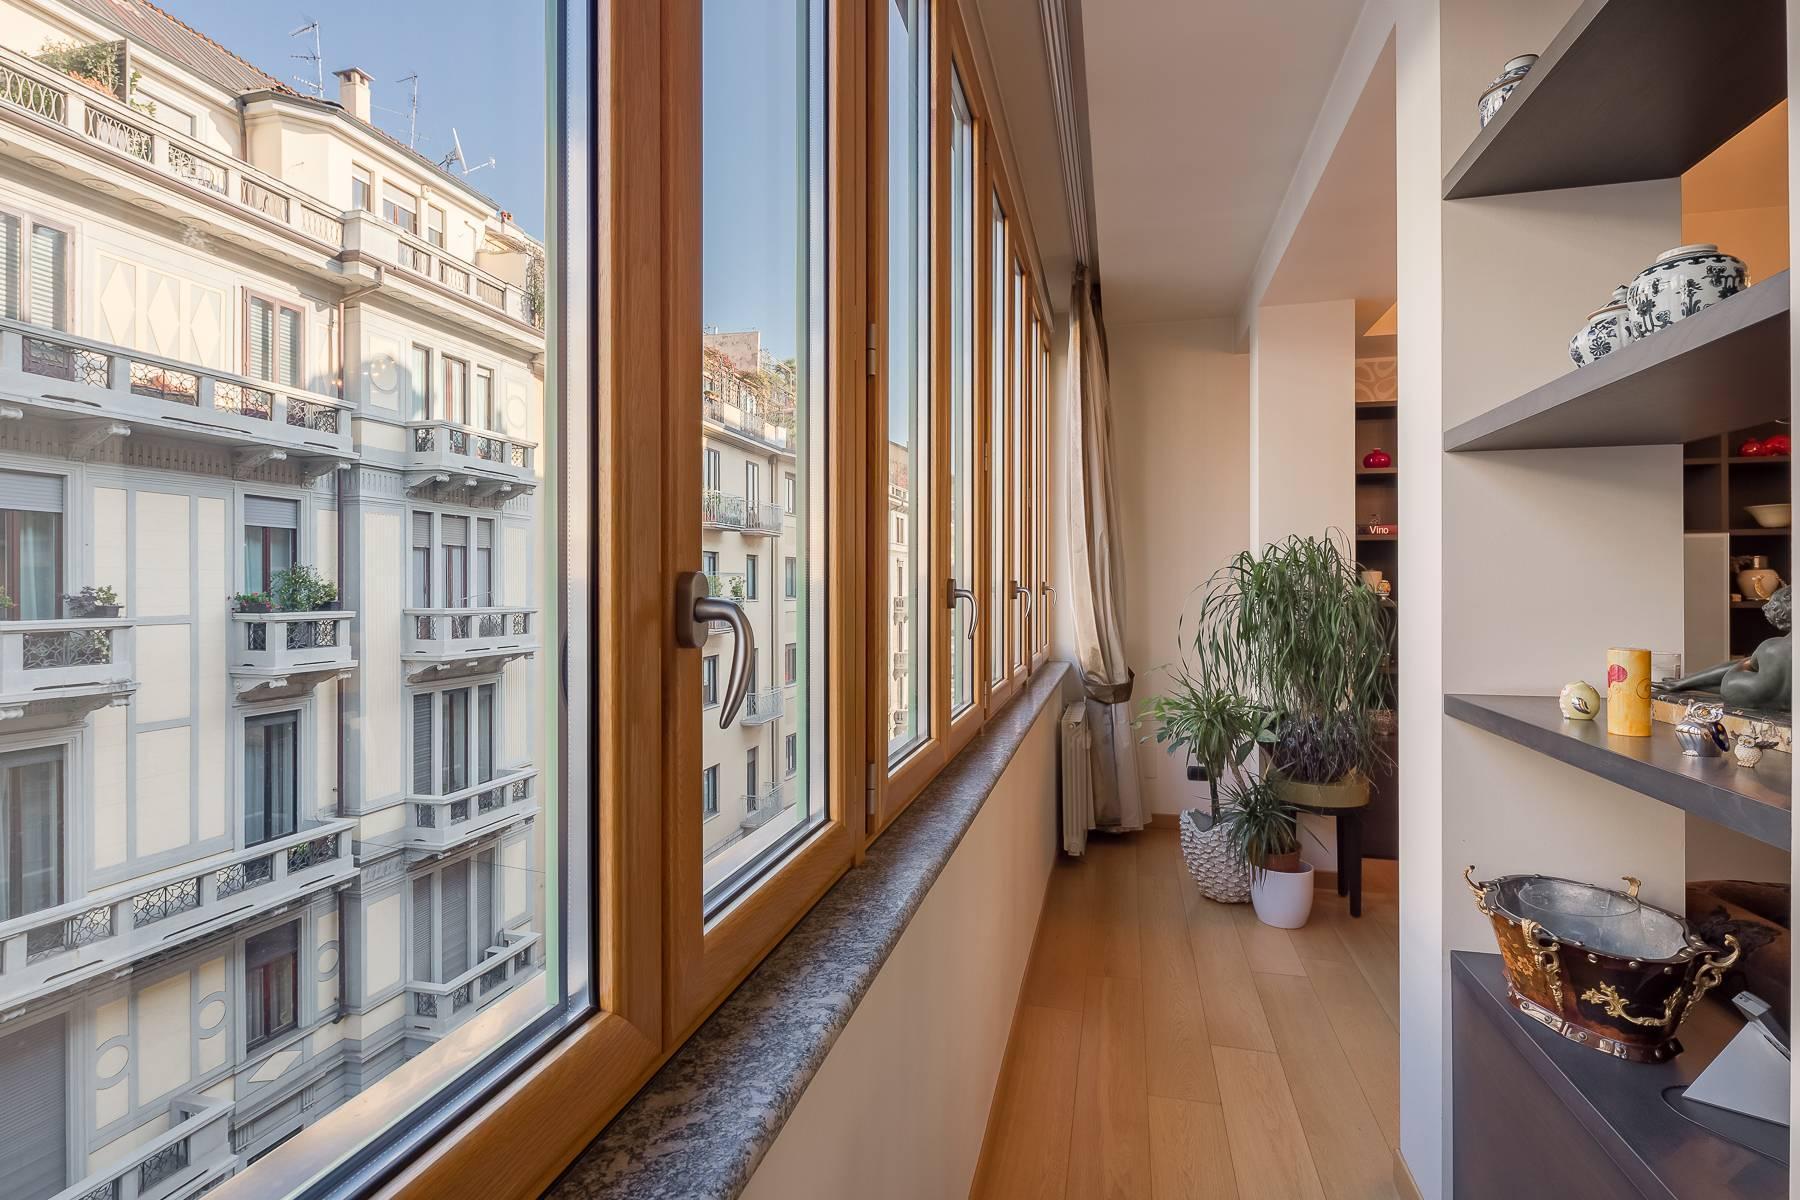 Appartement de style classique situé Via Besana - 12